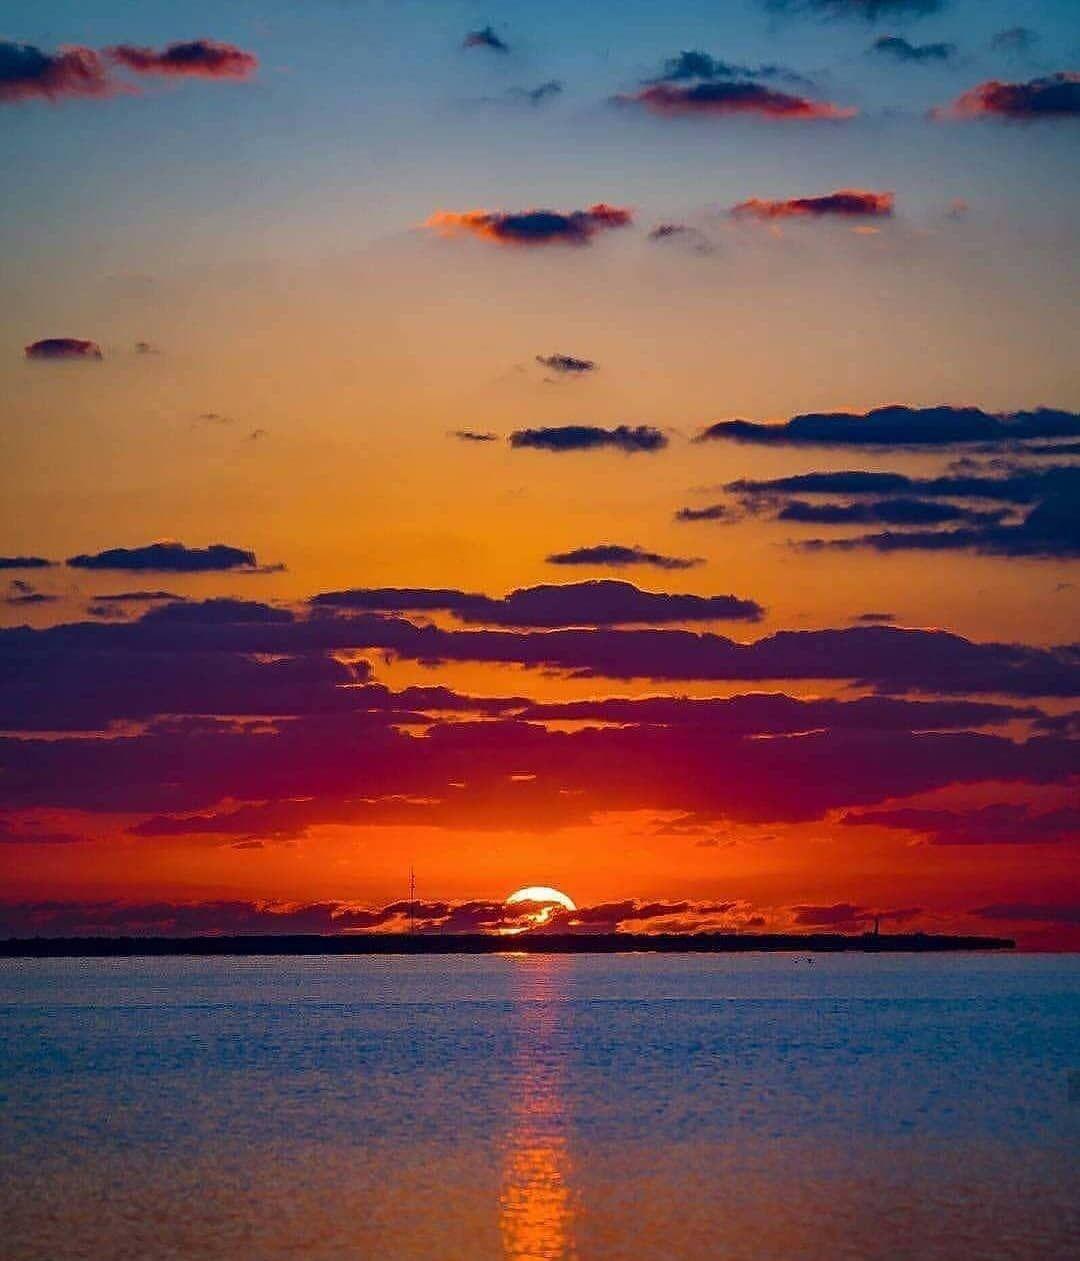 خلفيات غروب الشمس ازا عجبوكم الصور انشرولي ياهم و اعملو منشن لا صحباتكم وصحابكم Sundown Cloudysky Sunset Sunset Pictures Sunset Photography